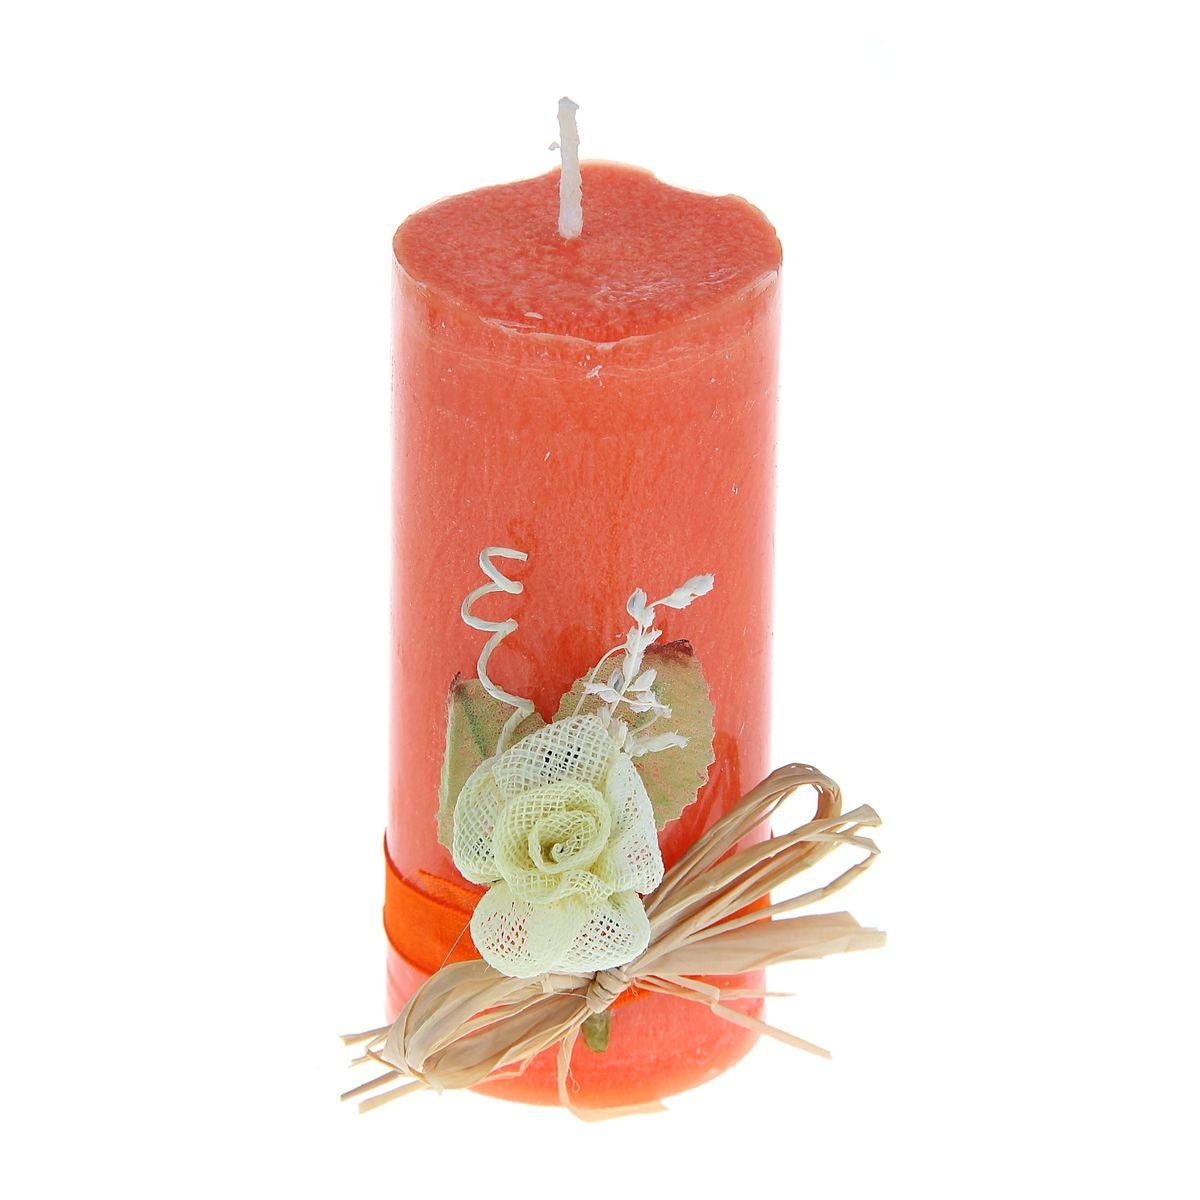 Свеча декоративная Sima-land Цветок, цвет: оранжевый, высота 10,5 смFS-91909Декоративная свеча Sima-land Цветок изготовлена из воска и оформлена декоративной цветочной композицией. Такая свеча может стать отличным подарком или дополнить интерьер вашей комнаты.